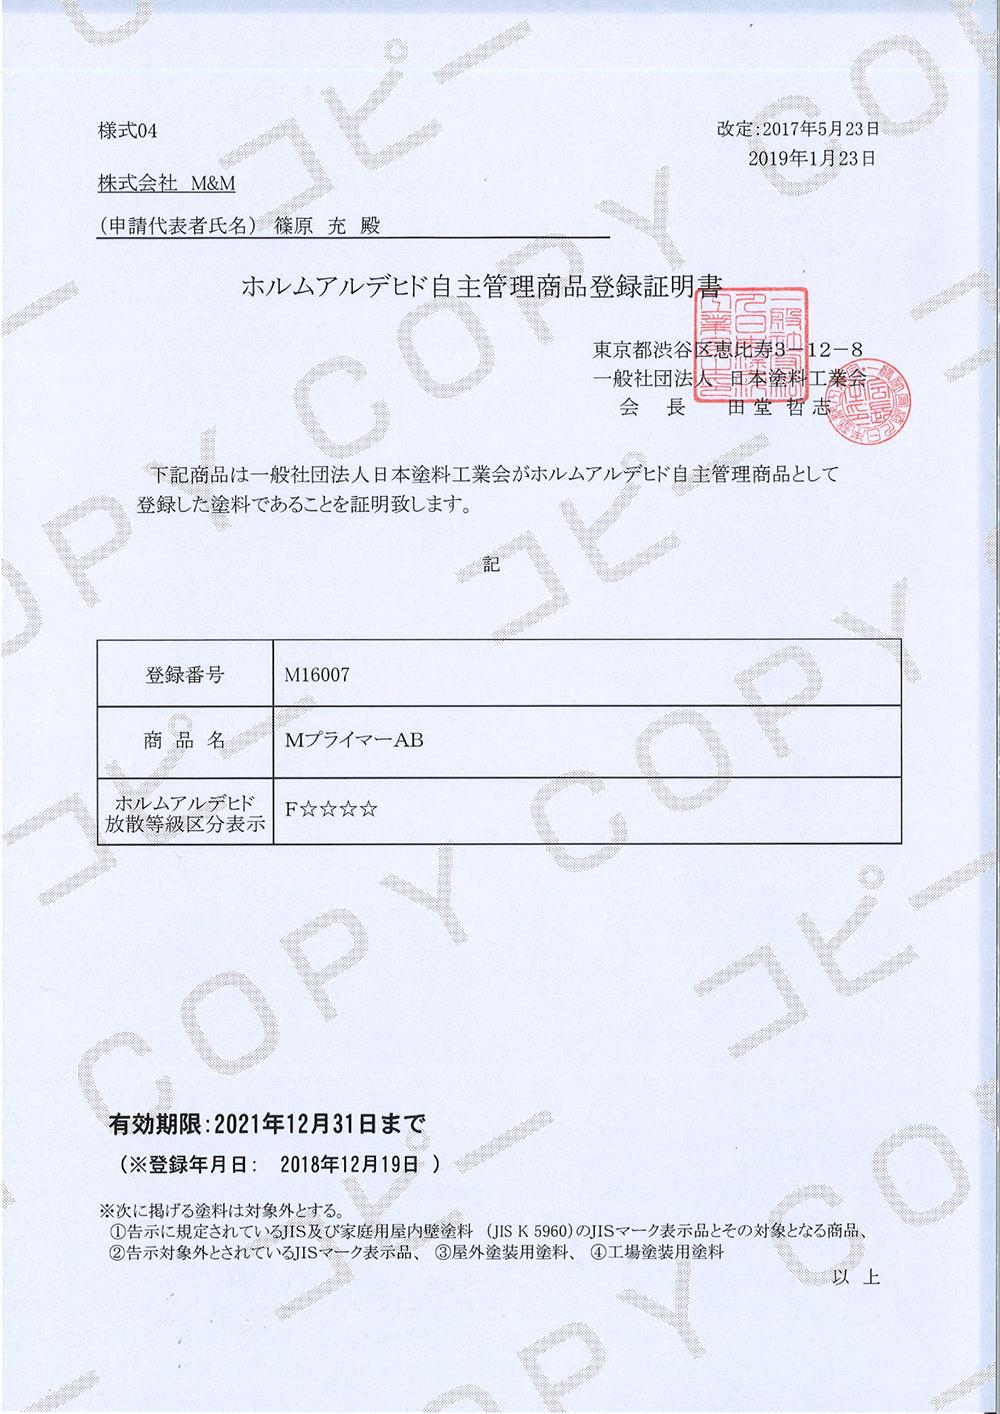 ホルムアルデヒド自主管理商品登録証明書